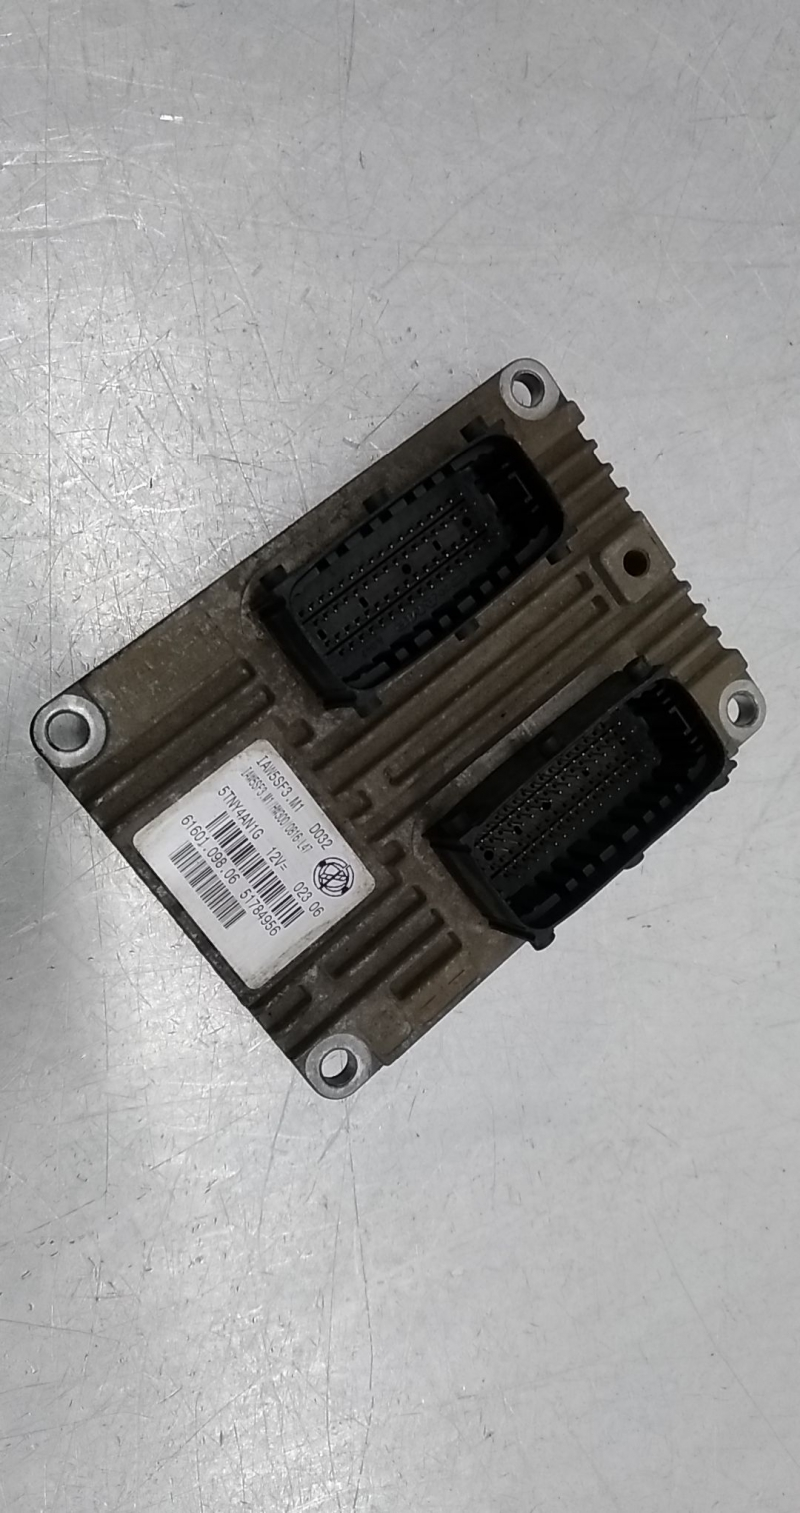 Centralina do Motor (20327462).